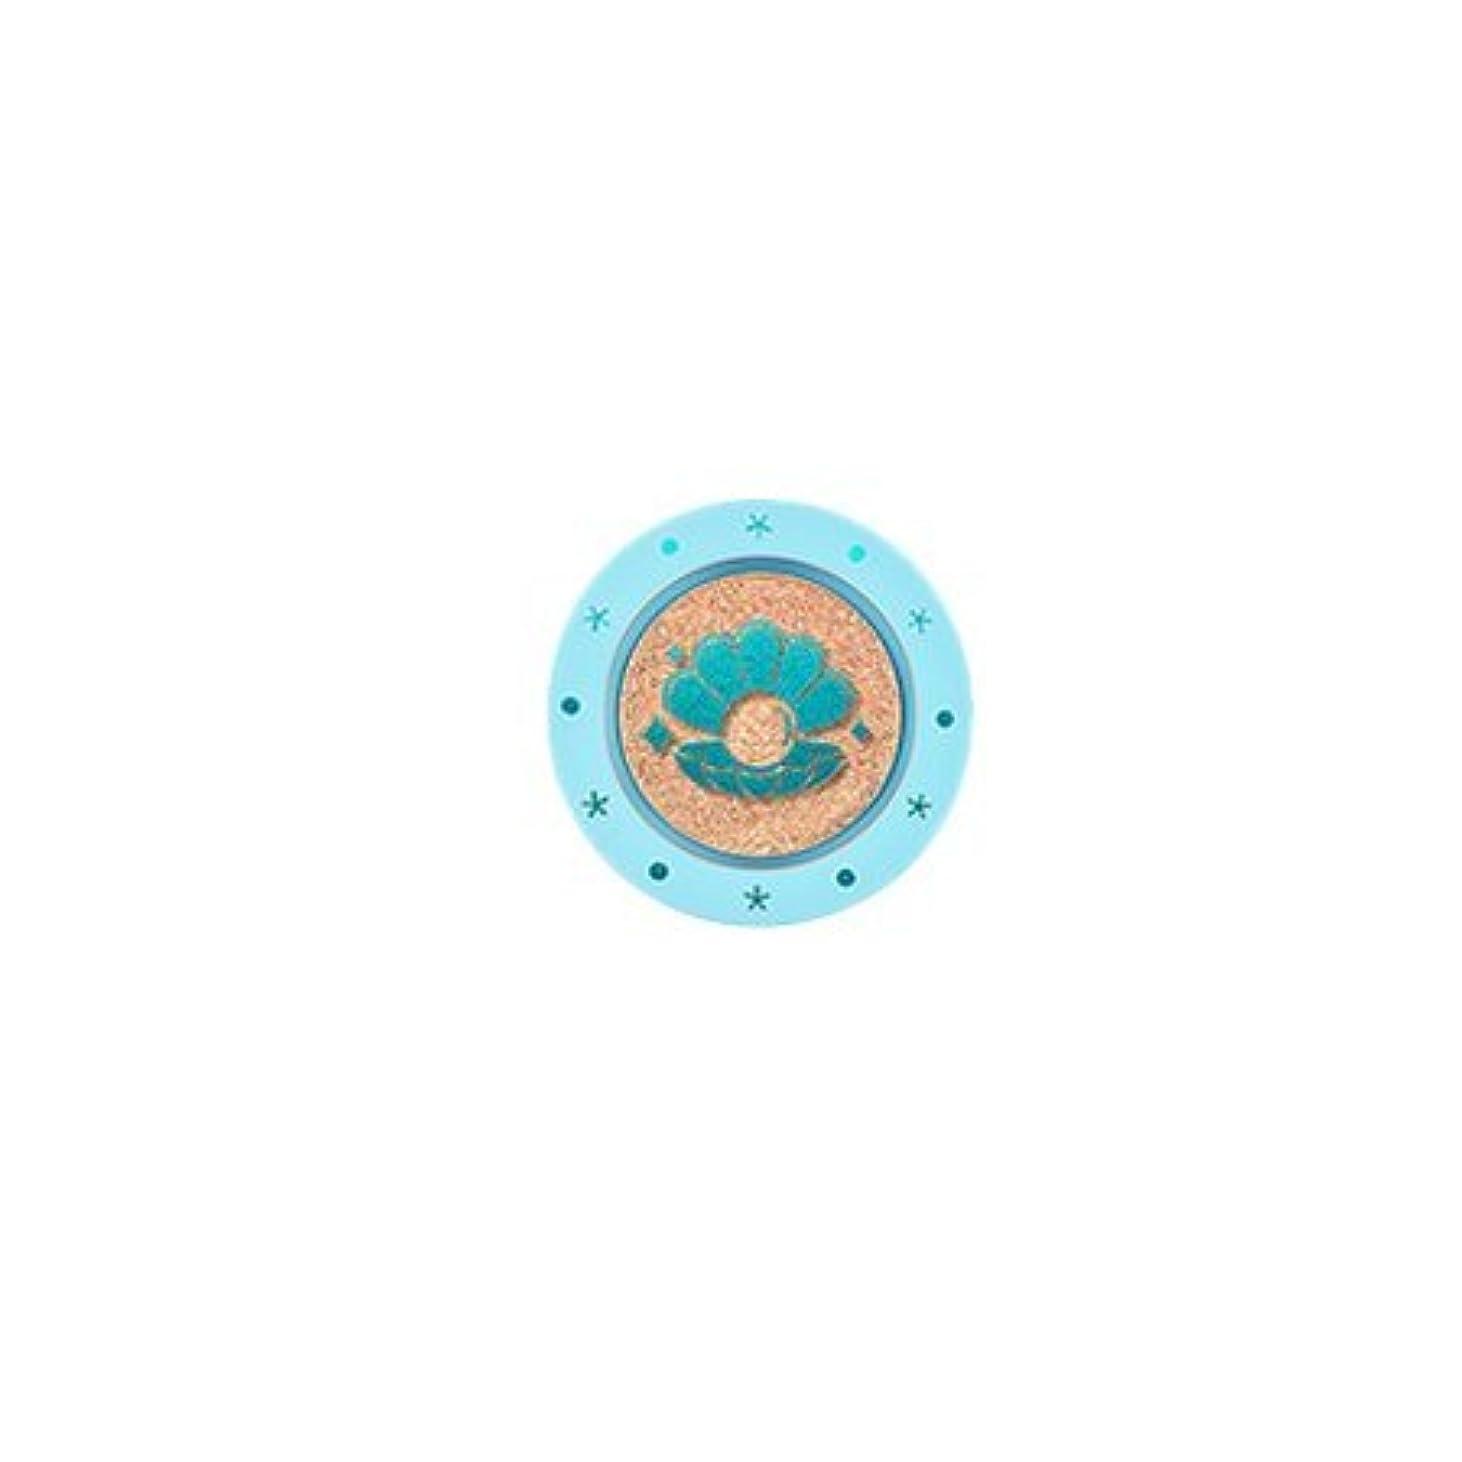 とにかく社会主義累積アリタウム マーメイド コレクション モノ アイズ 1.4g / ARITAUM Mono Eyes Mermaid Collection (# S25 Gold Glow) [並行輸入品]